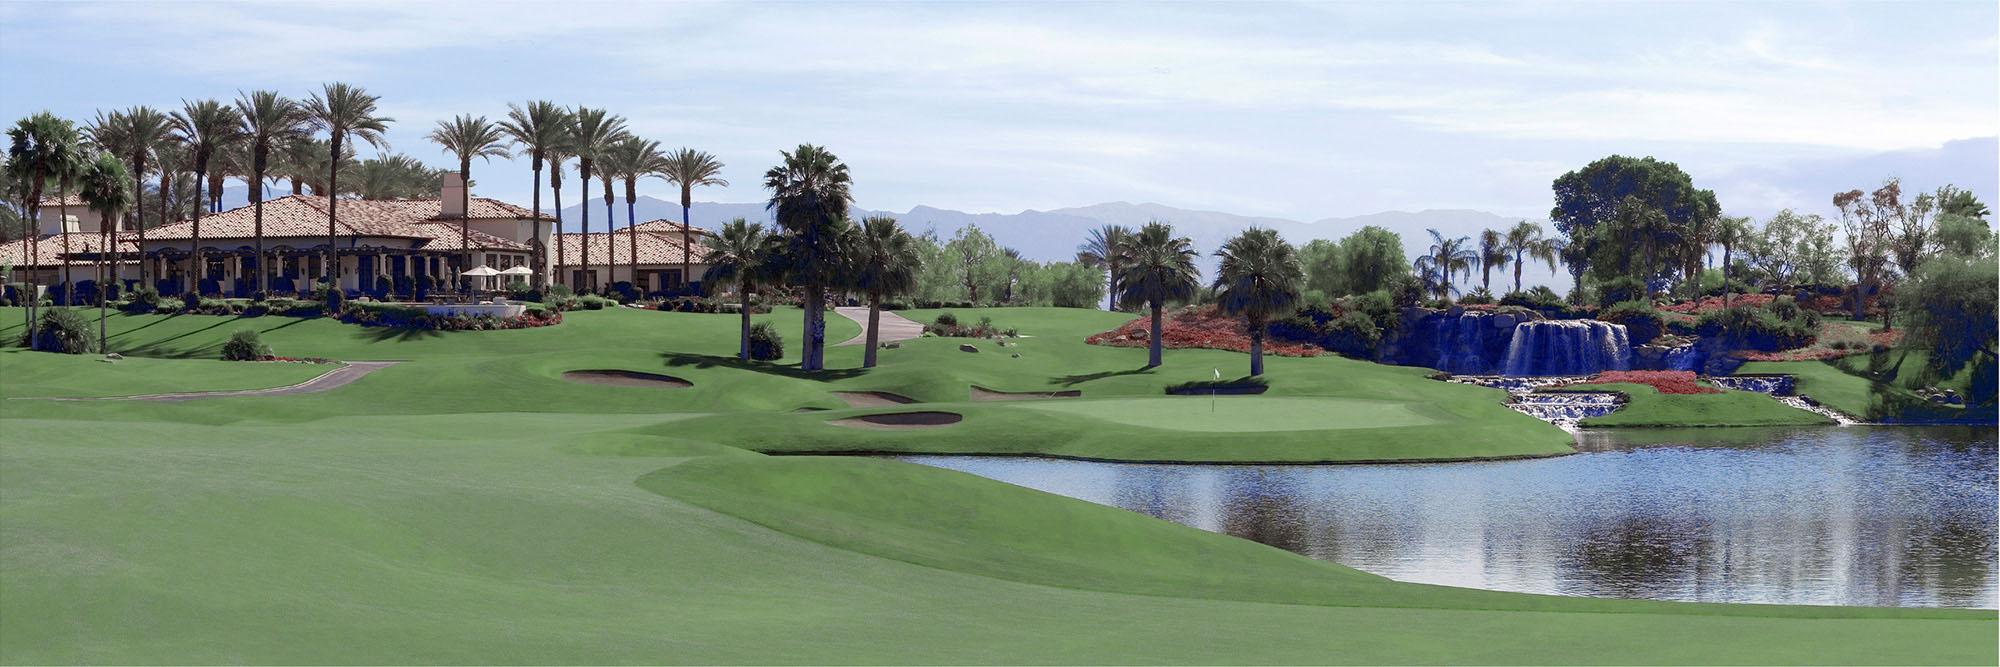 Golf Course Image - Rancho La Quinta Jones No. 18